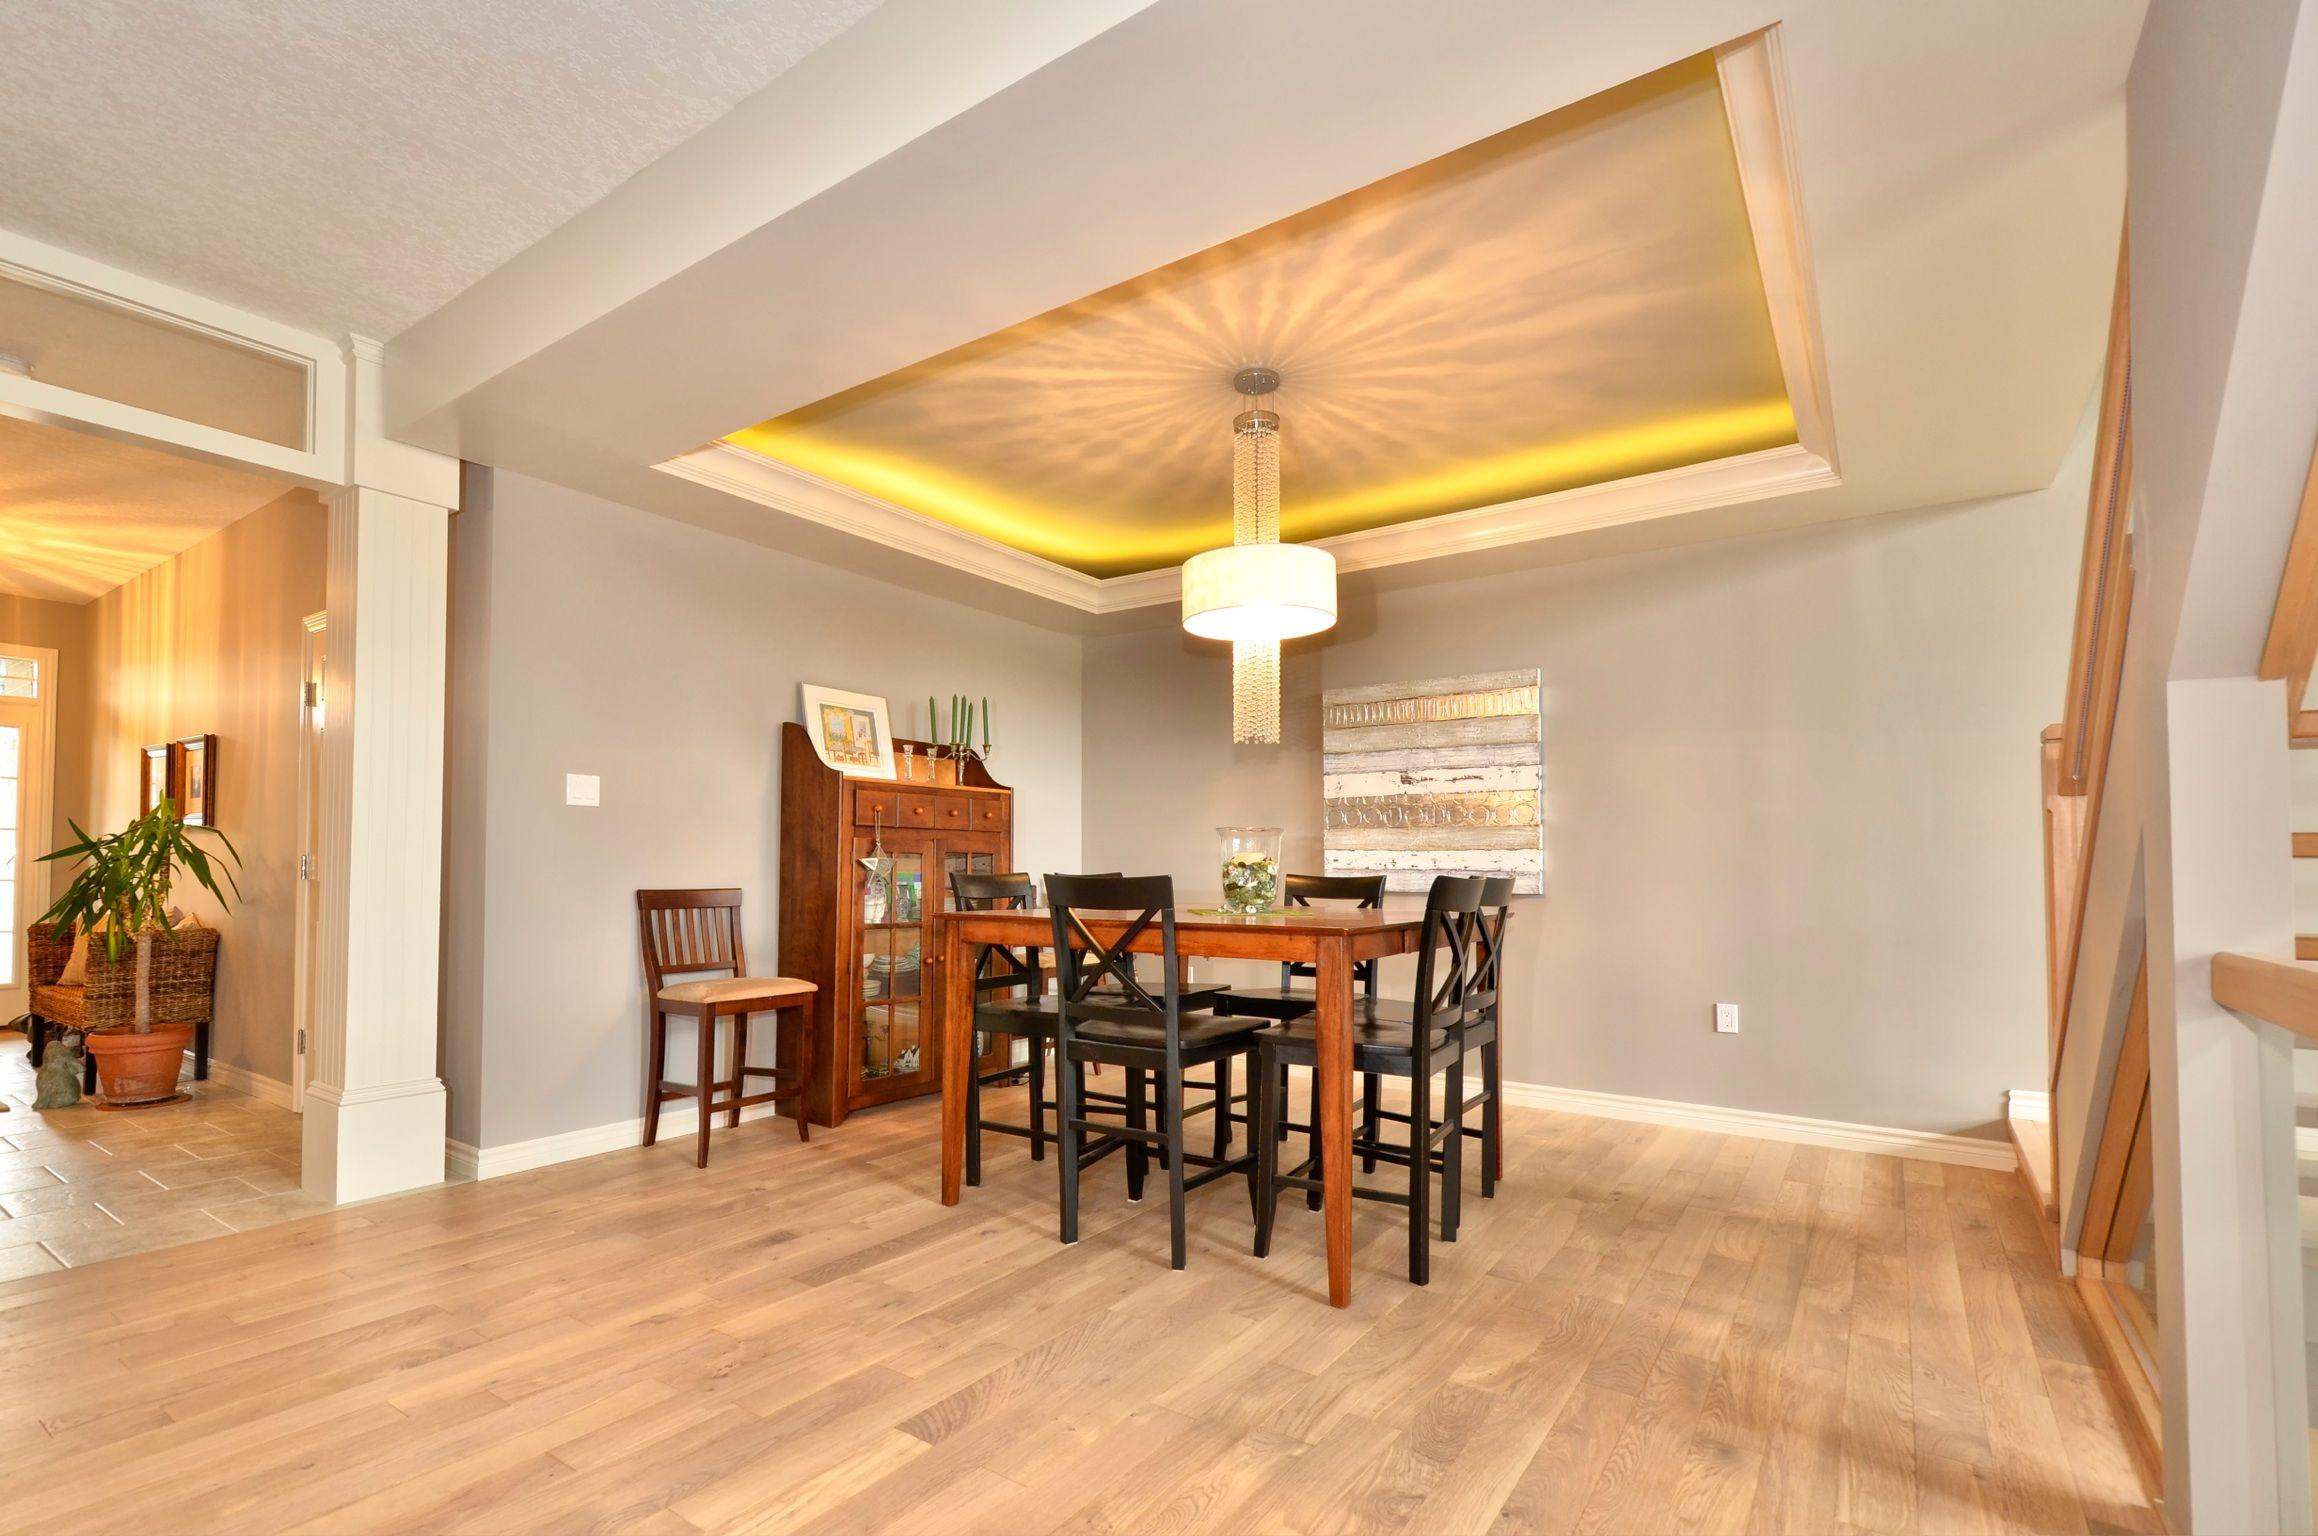 Ceiling Trim Ideas - http://weirds.co/5802/ceiling-trim-ideas/ #homeideas #homedesign #homedecor